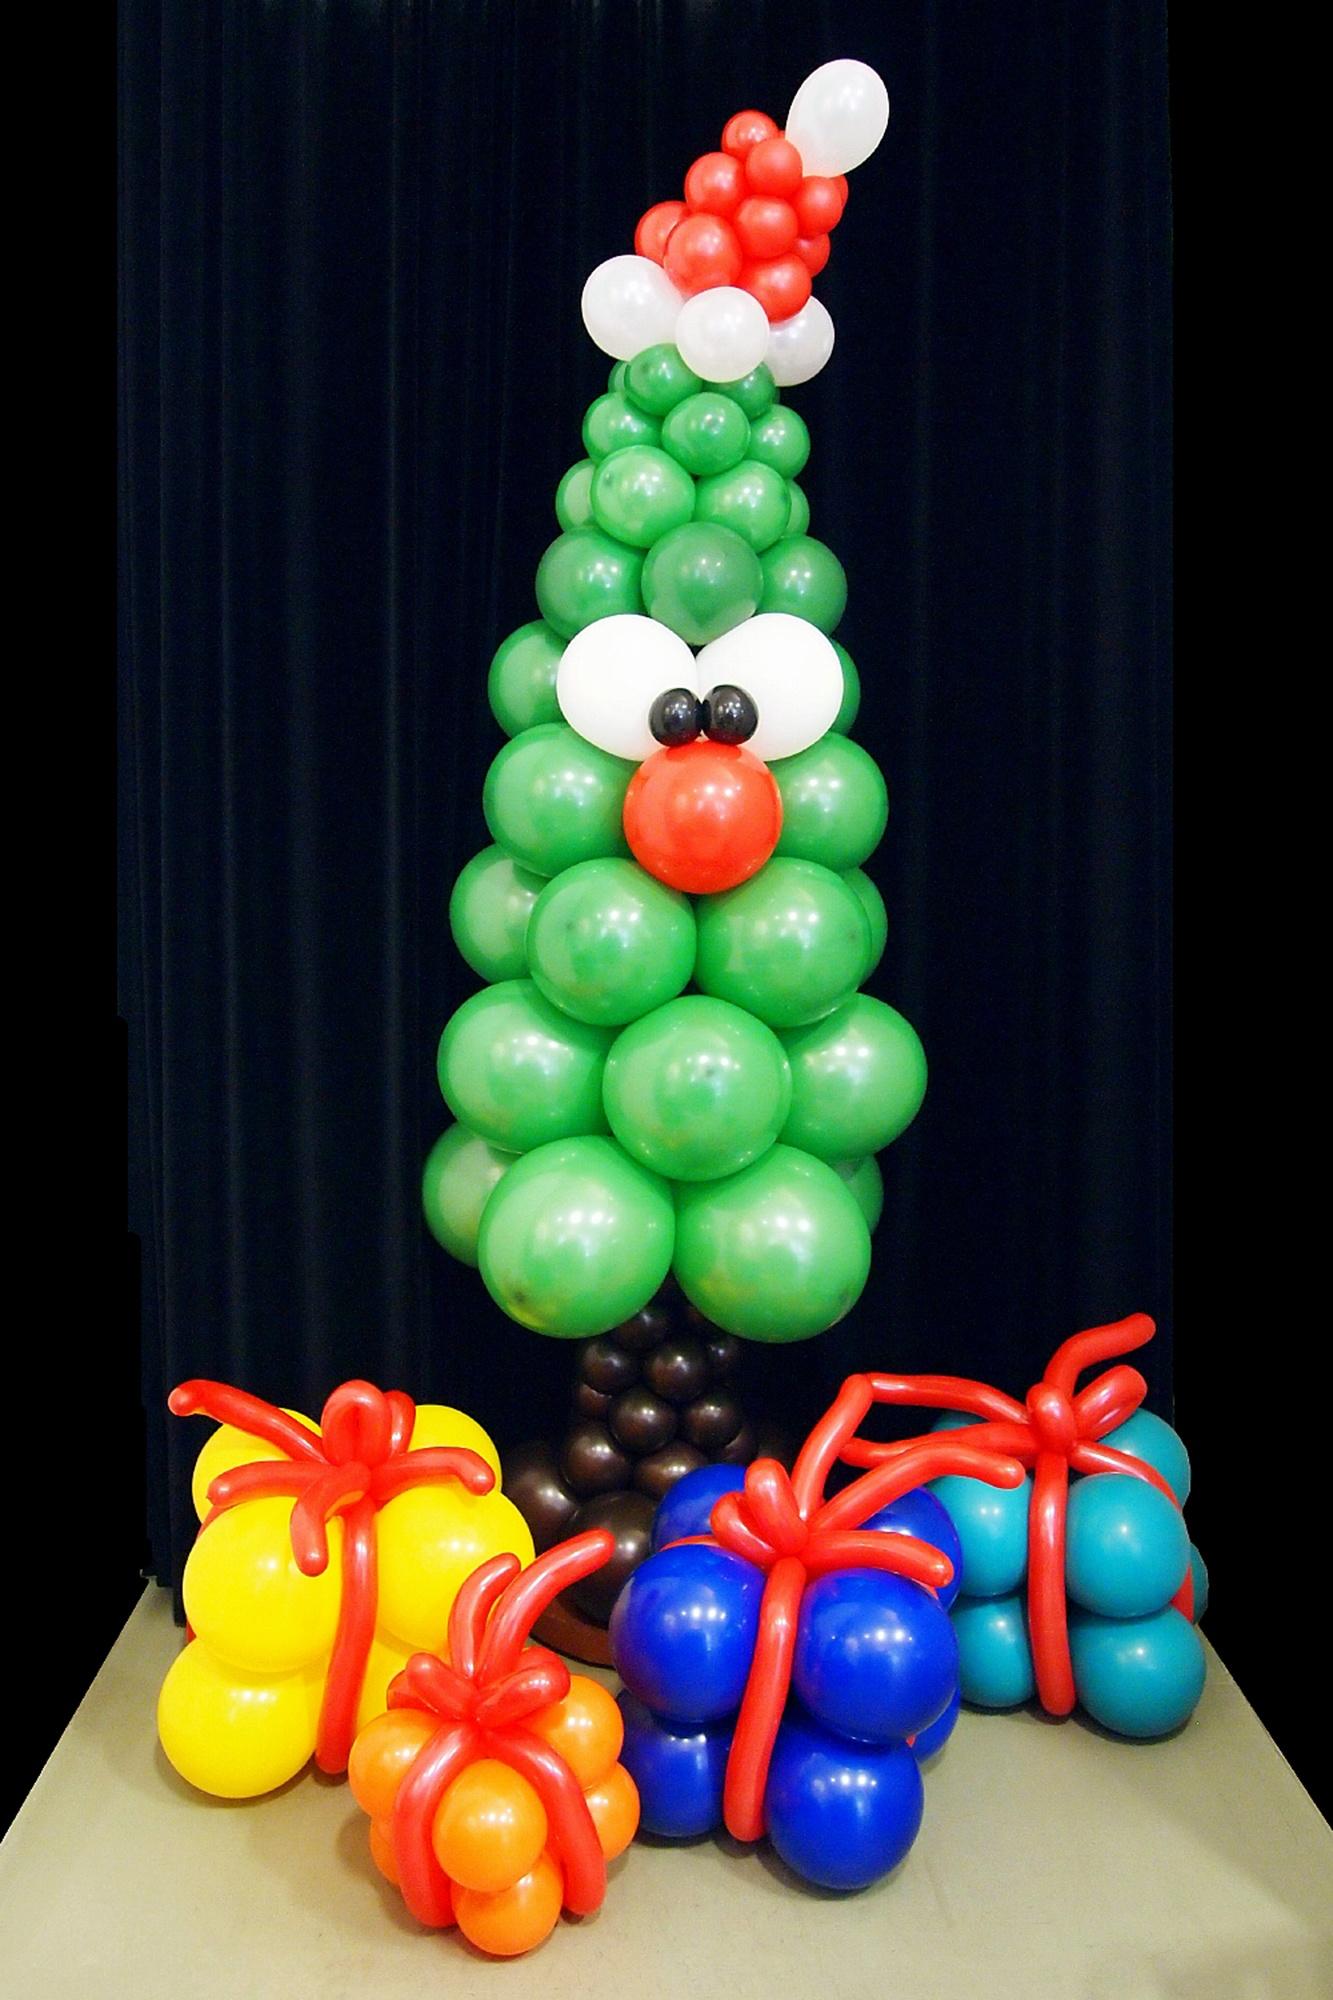 Ballonskulptur Weihnachtsbaum mit Geschenken